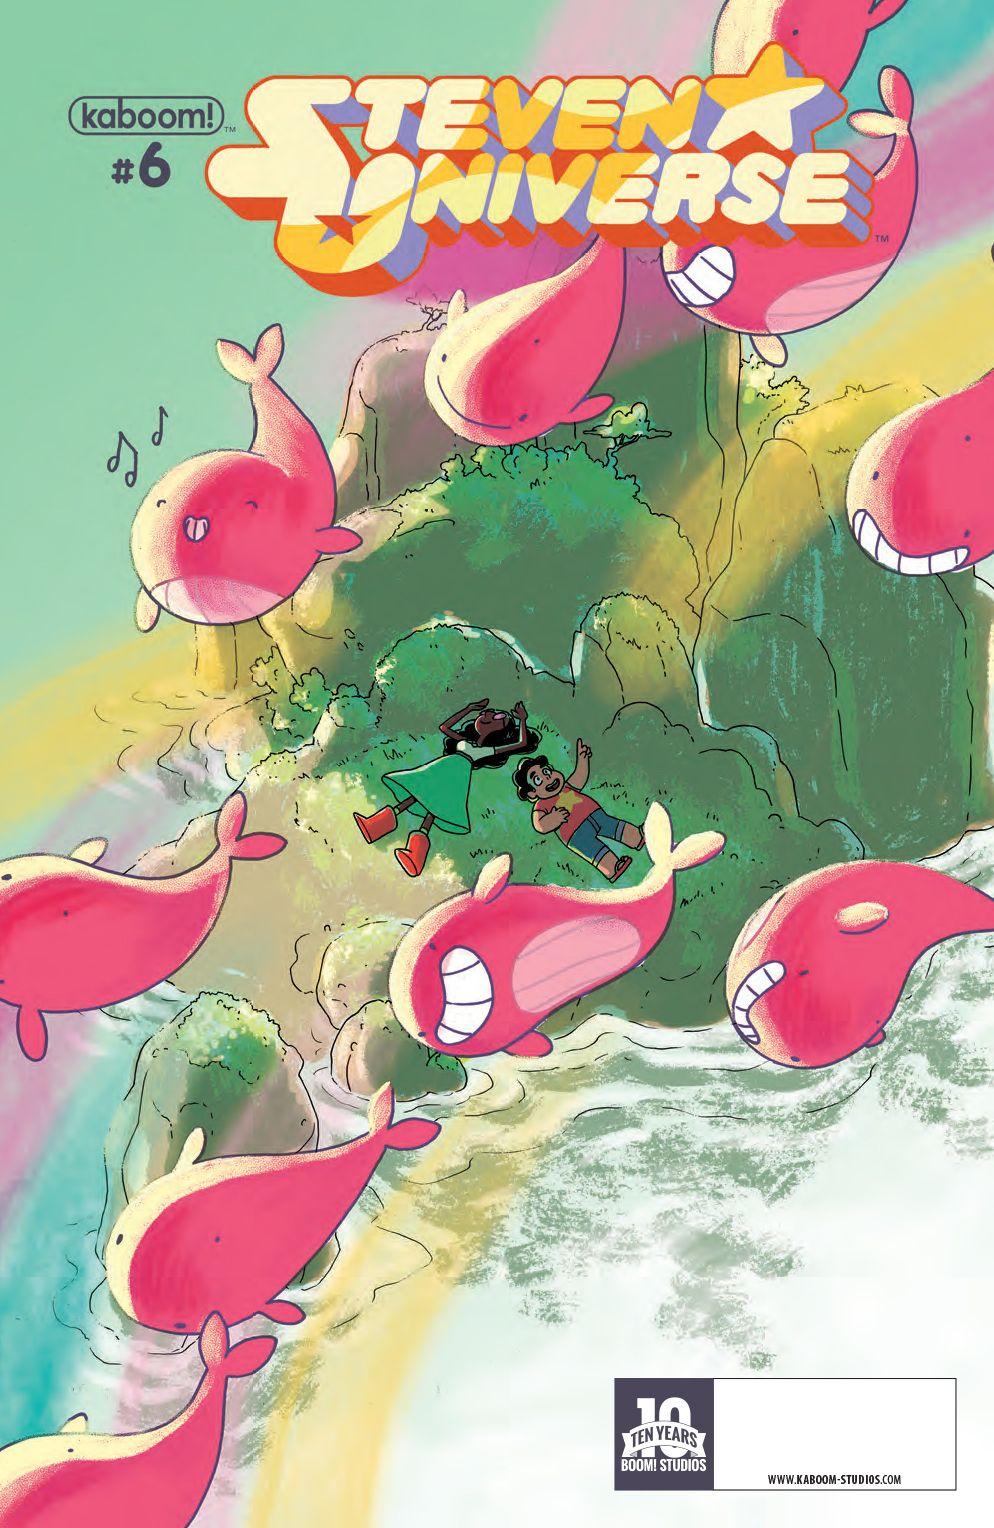 Steven Universe | Cartoon Network